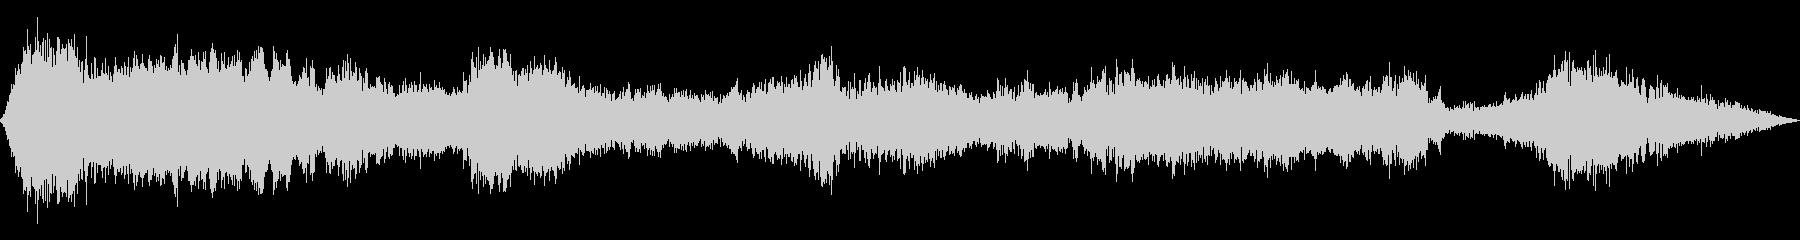 スモールスタジオオーディエンス:F...の未再生の波形